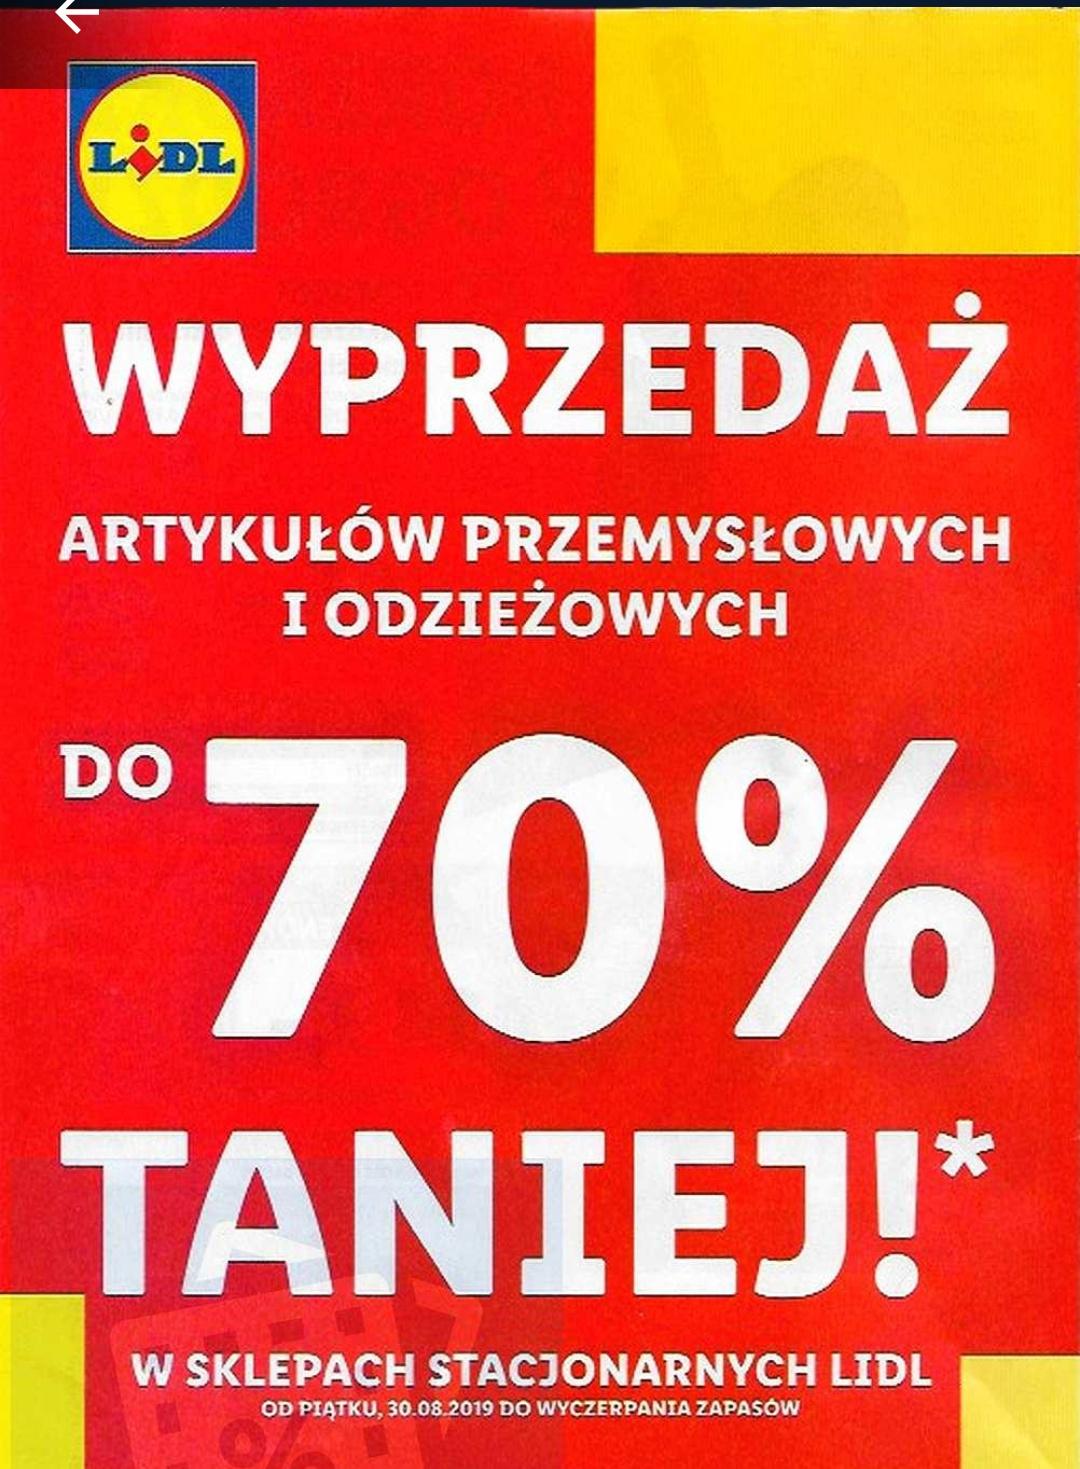 Wyprzedaż art. przemysłowych i odzieżowych do -70% od 30.08.2019 w sklepach stacjonarnych Lidl.